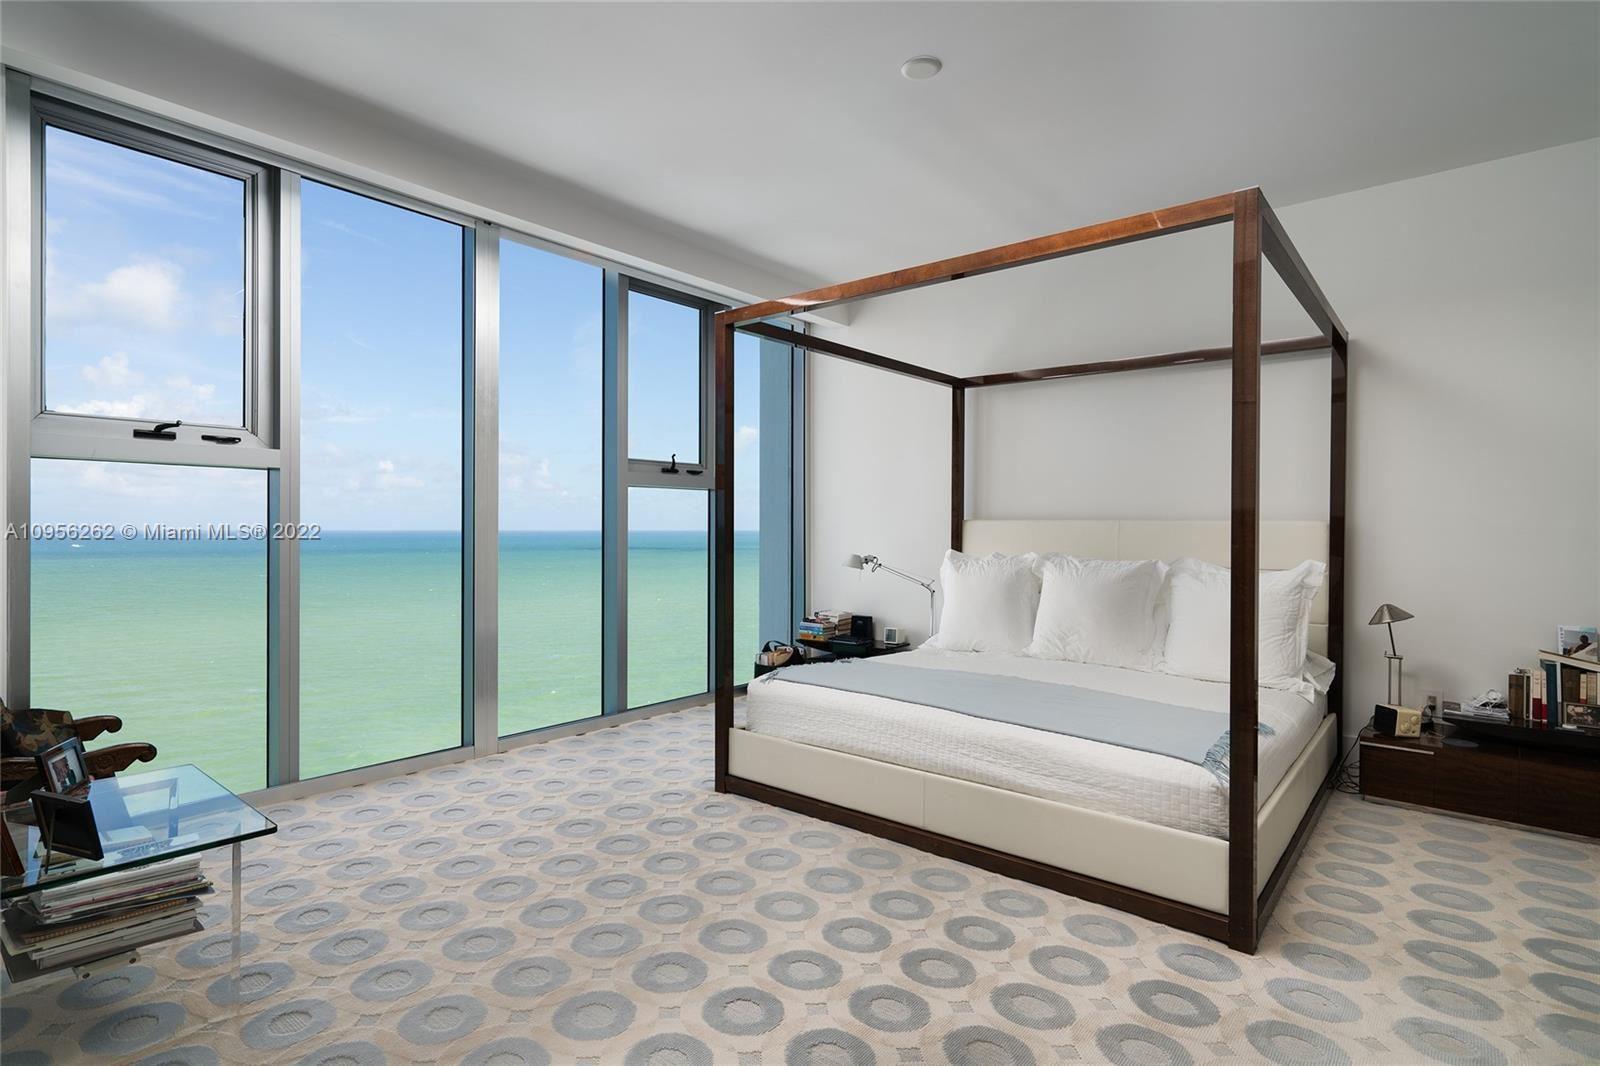 6899 Collins Ave #2307, Miami Beach, FL 33141 - #: A10956262